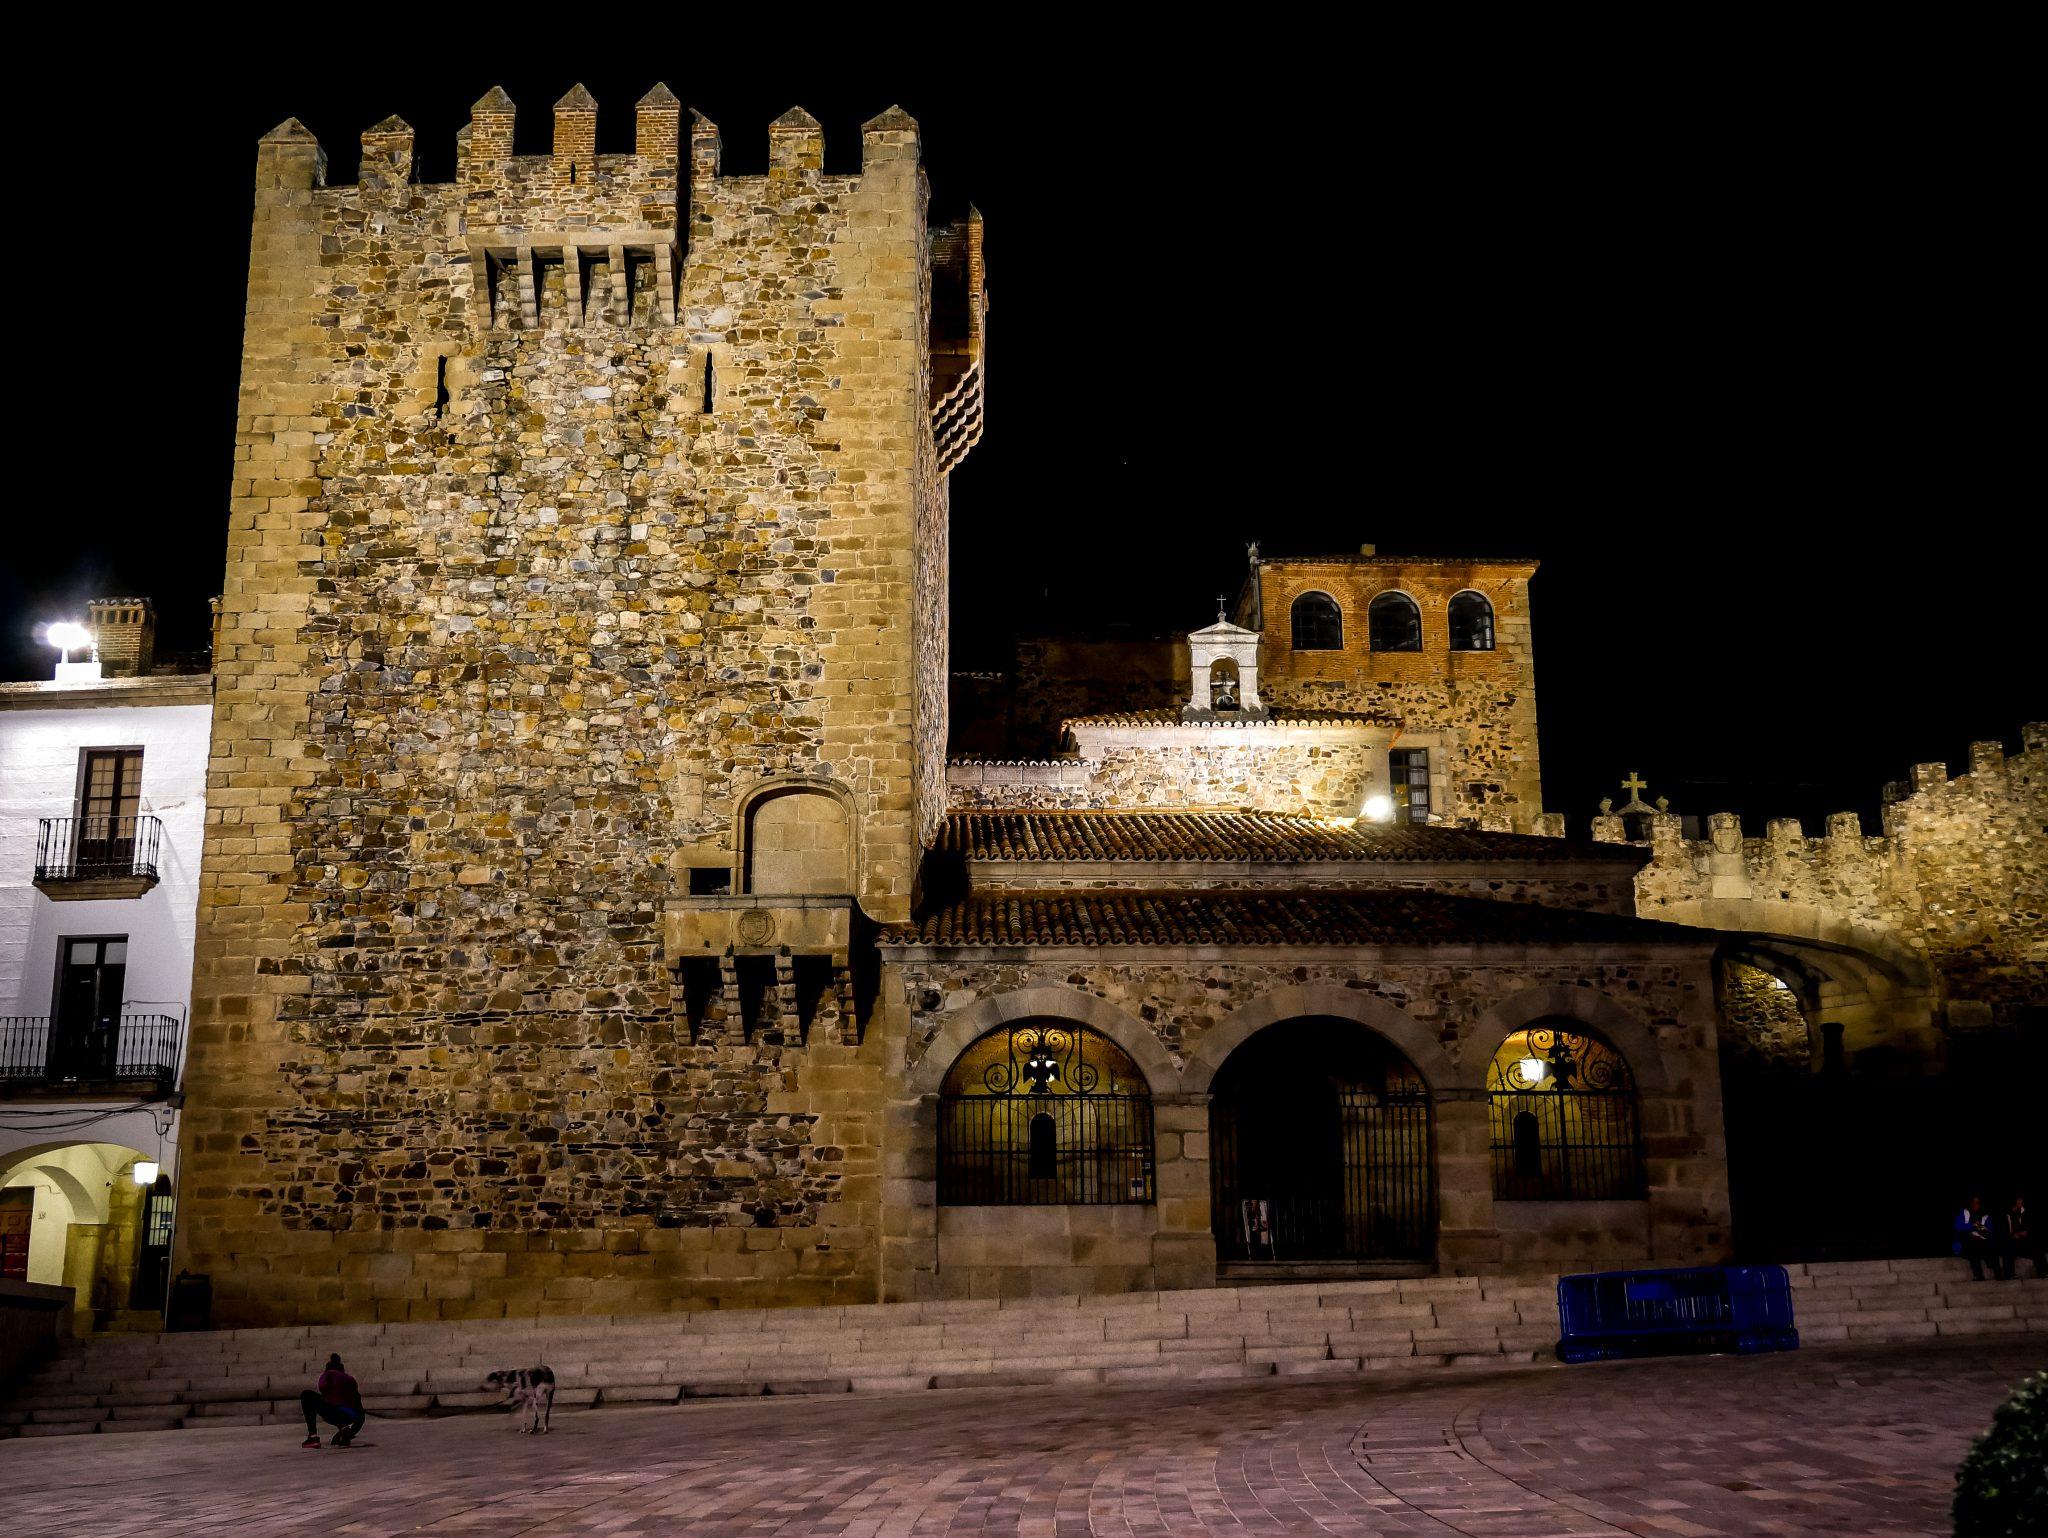 Jedes einzelne Gebäude in der mittelalterlichen Altstadt von Cáceres wird wunderschön angestrahlt